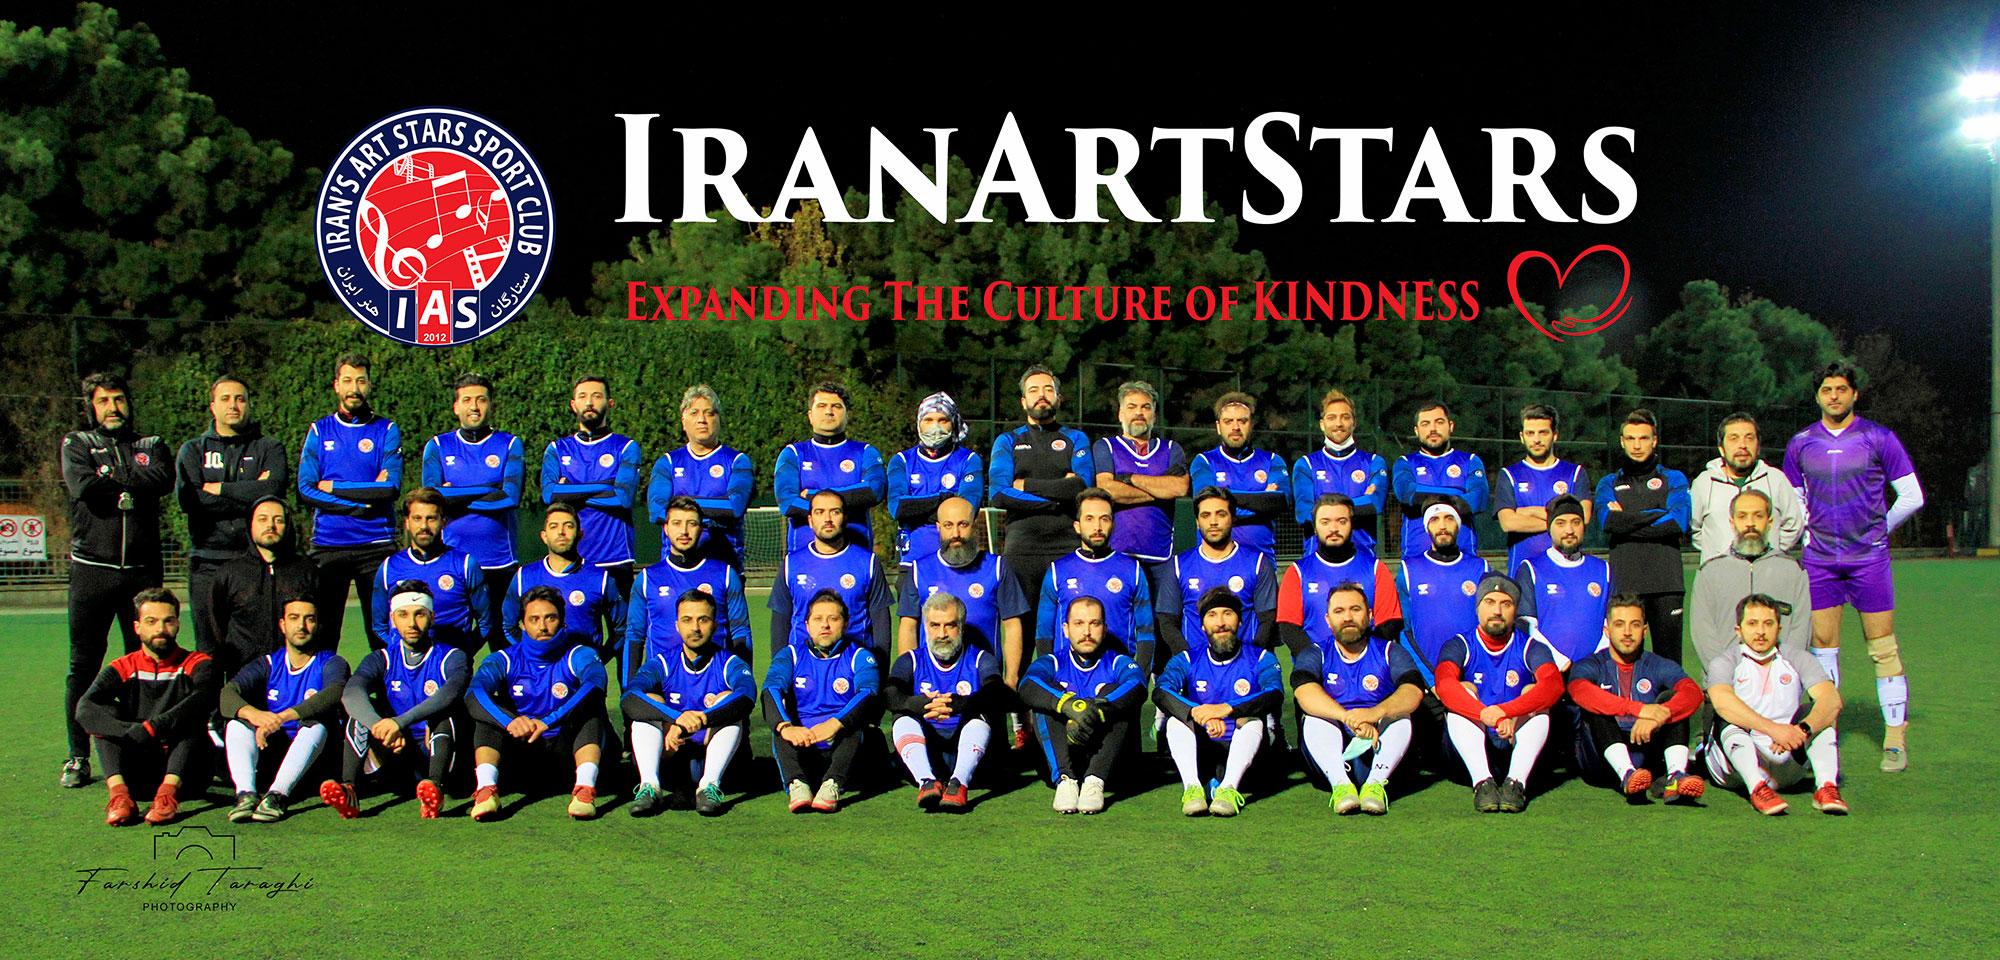 iranartstars-990922